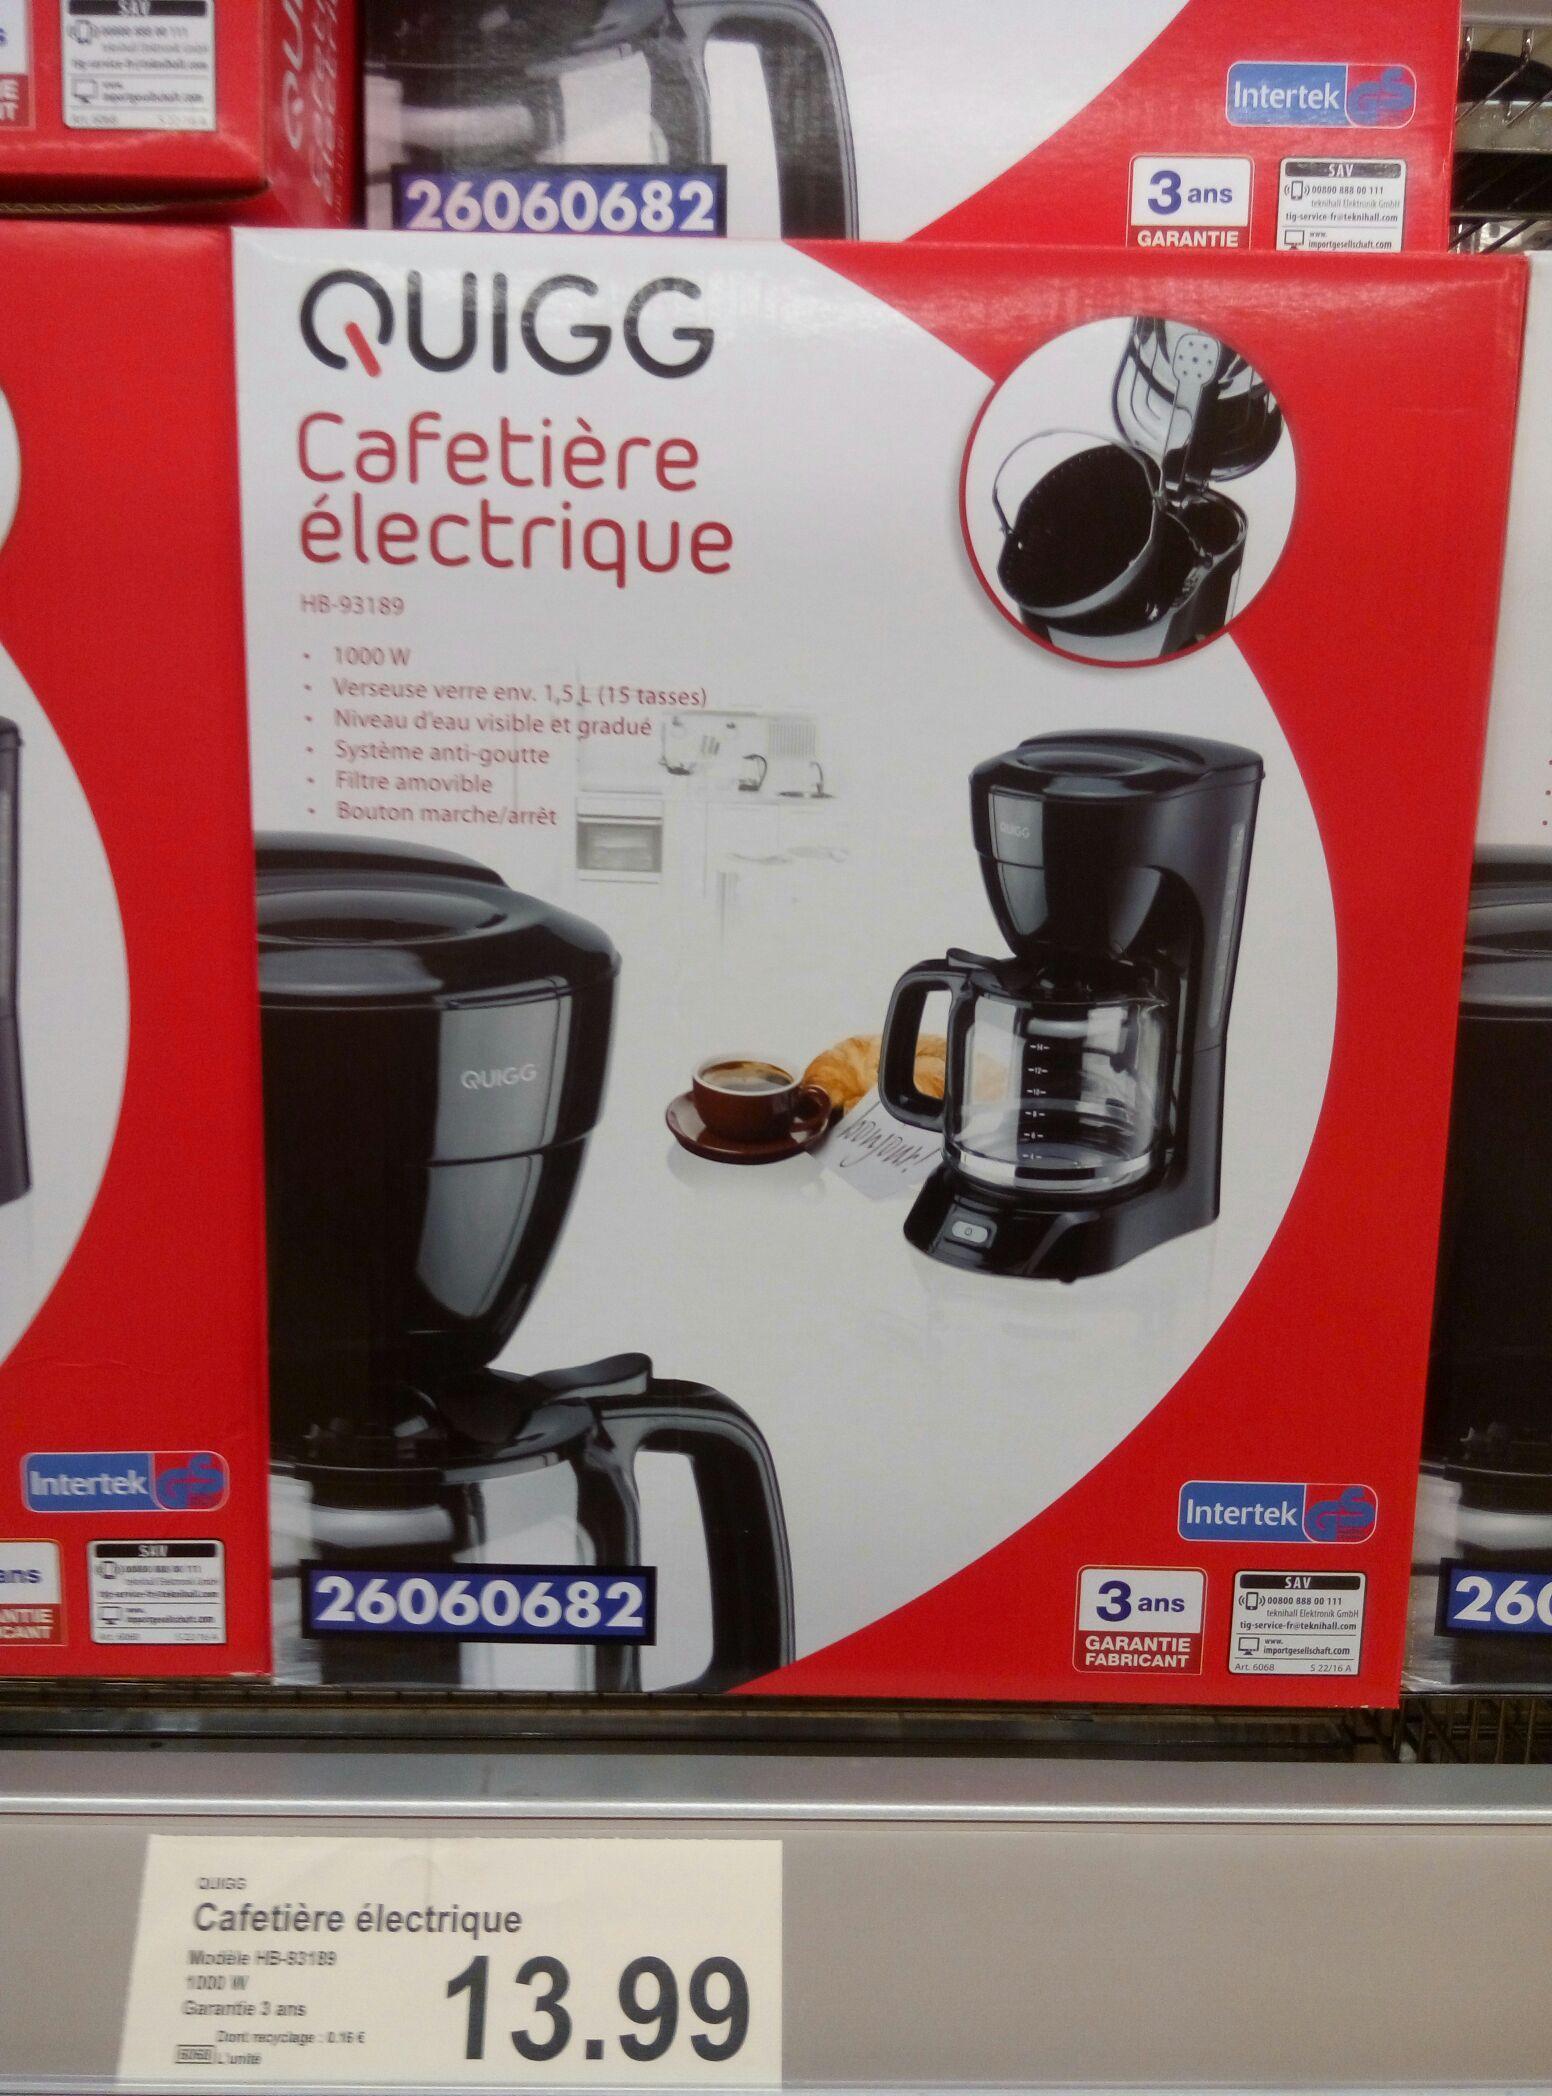 Cafetière électrique Quigg - 1.5L, 1000w